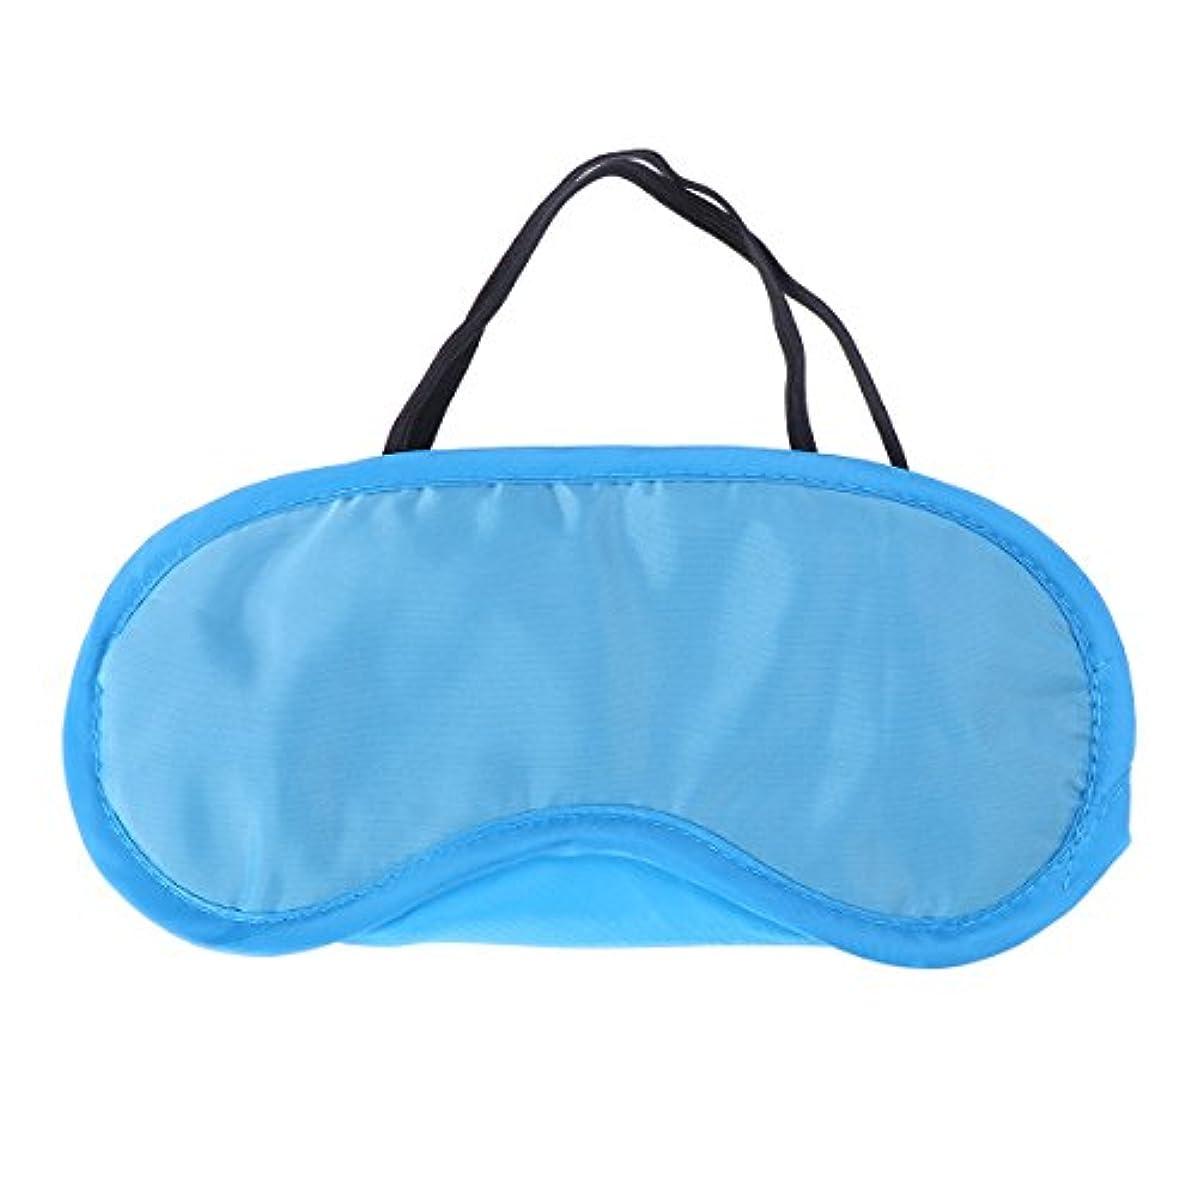 北皿持ってるHEALIFTY 軽量で快適な睡眠のための調整可能なアイマスク(旅行用スカイブルー)